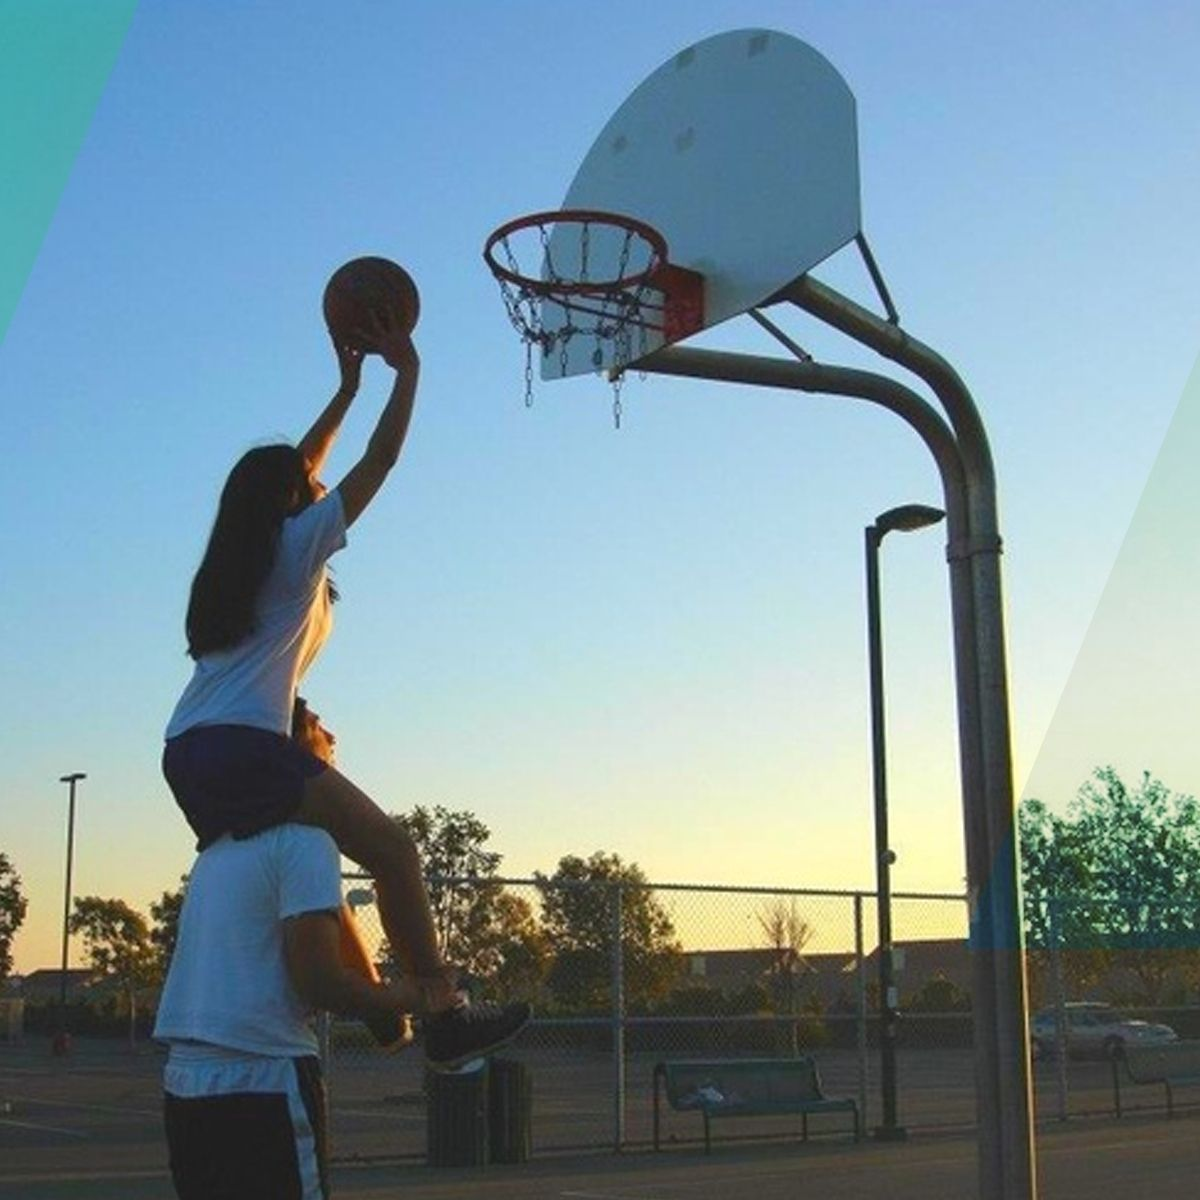 #Minhaalegriaparalelas Aproveitar essa tarde de domingo jogando meu esporte favorito